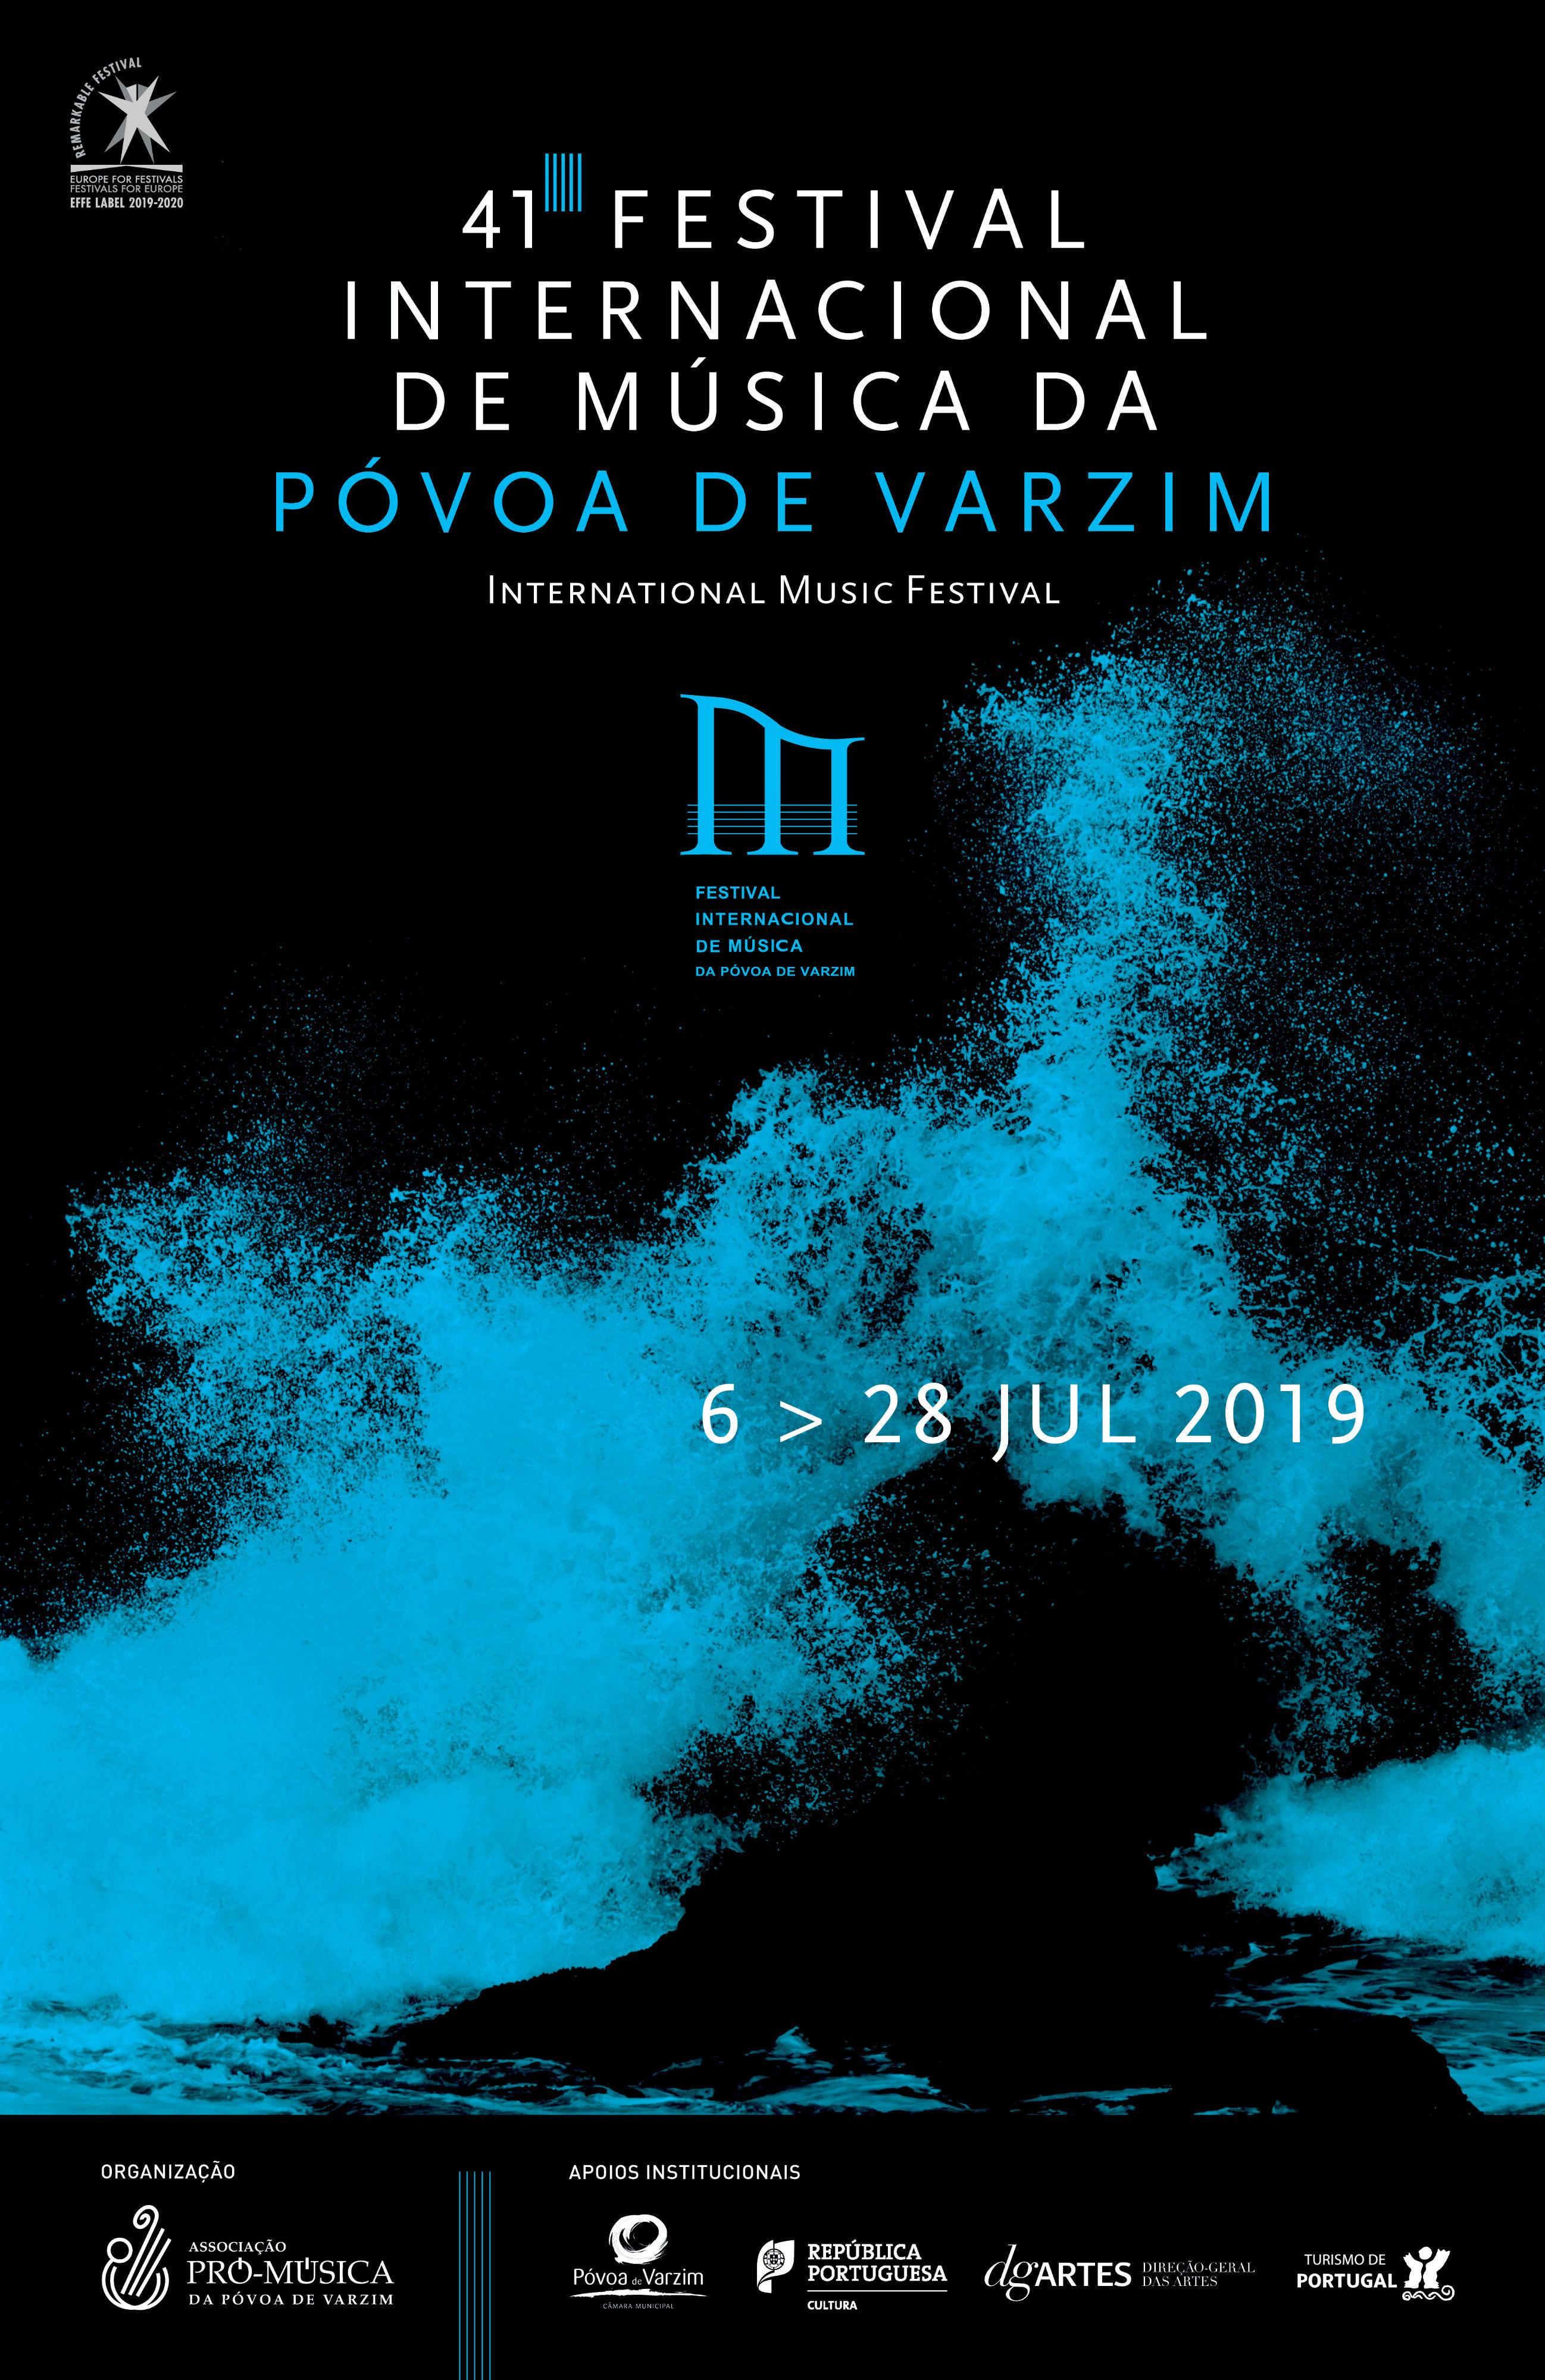 41º Festival Internacional de Música da Póvoa de Varzim: Conferência com Rui Vieira Nery